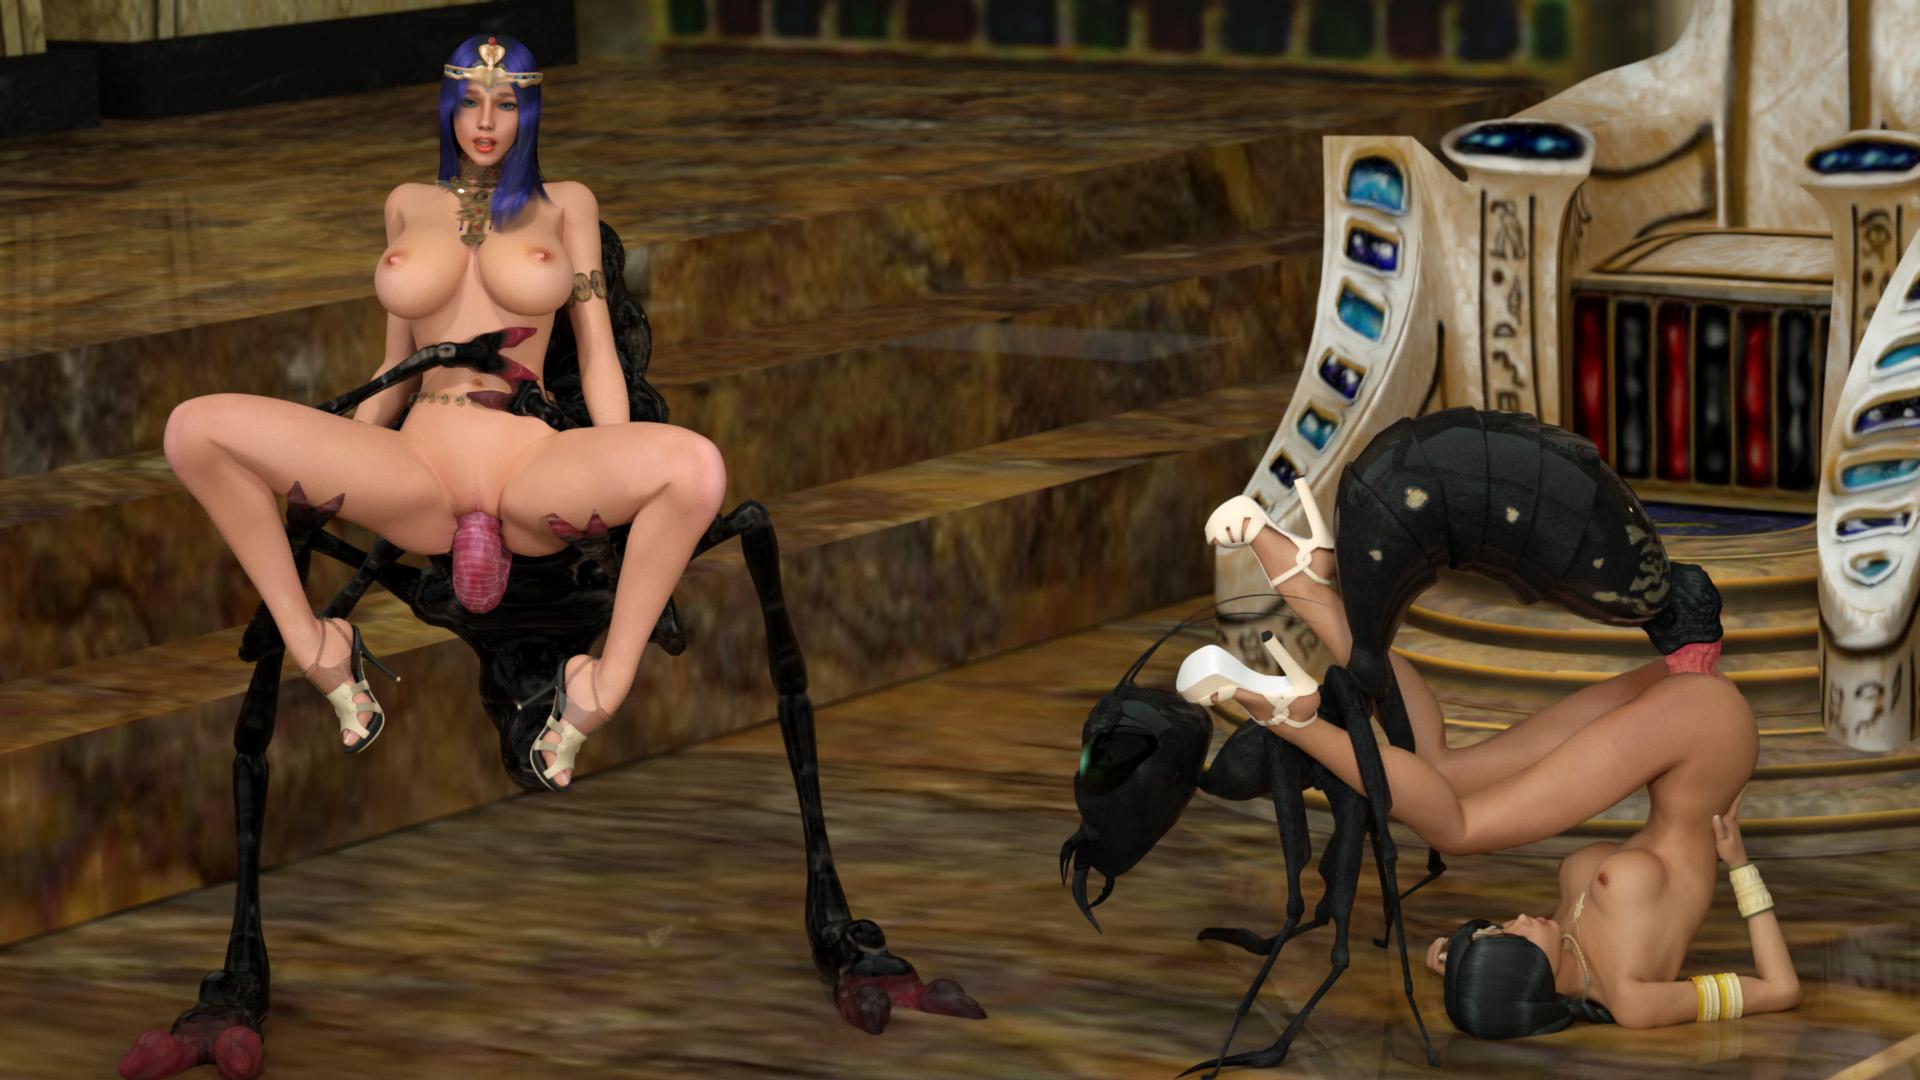 Pharao porn